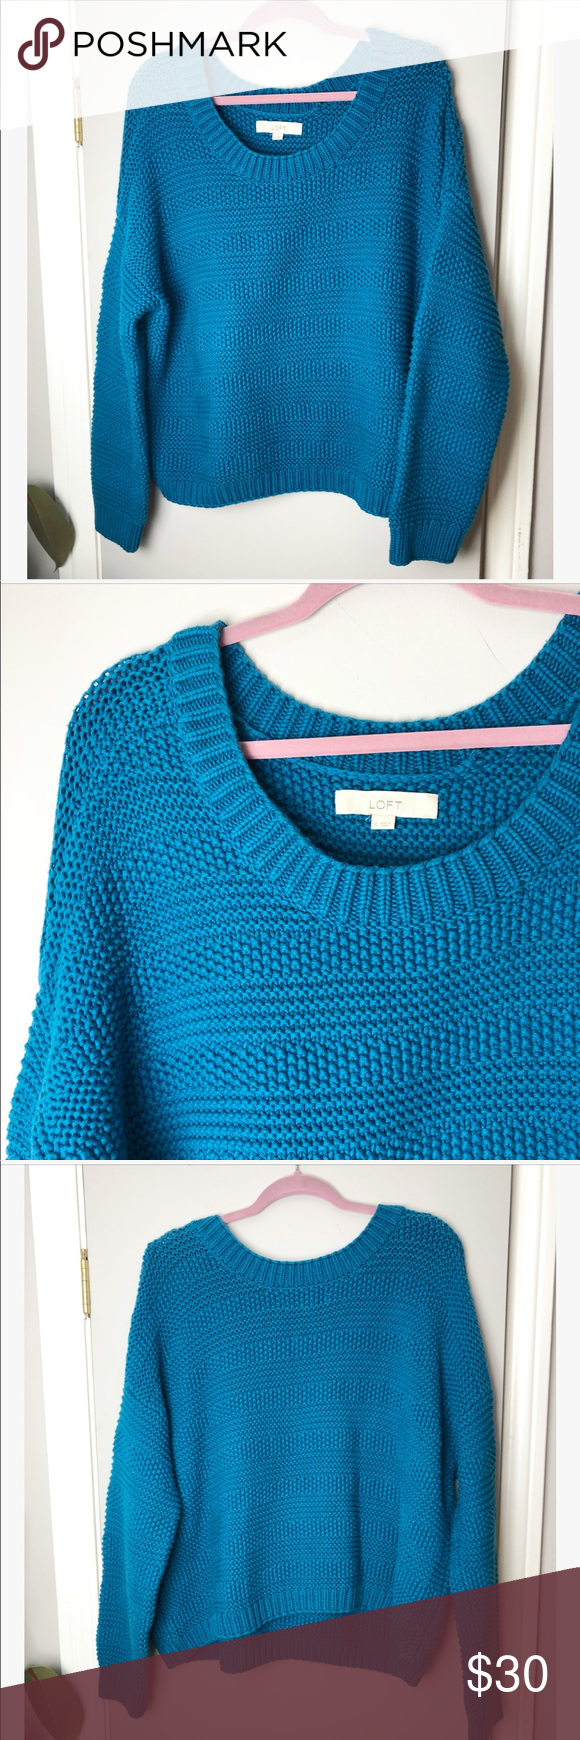 1ba3ce6f89 Loft blue chunky knit oversized pullover sweater Loft bright blue chunky  knit scoop neck oversized pullover